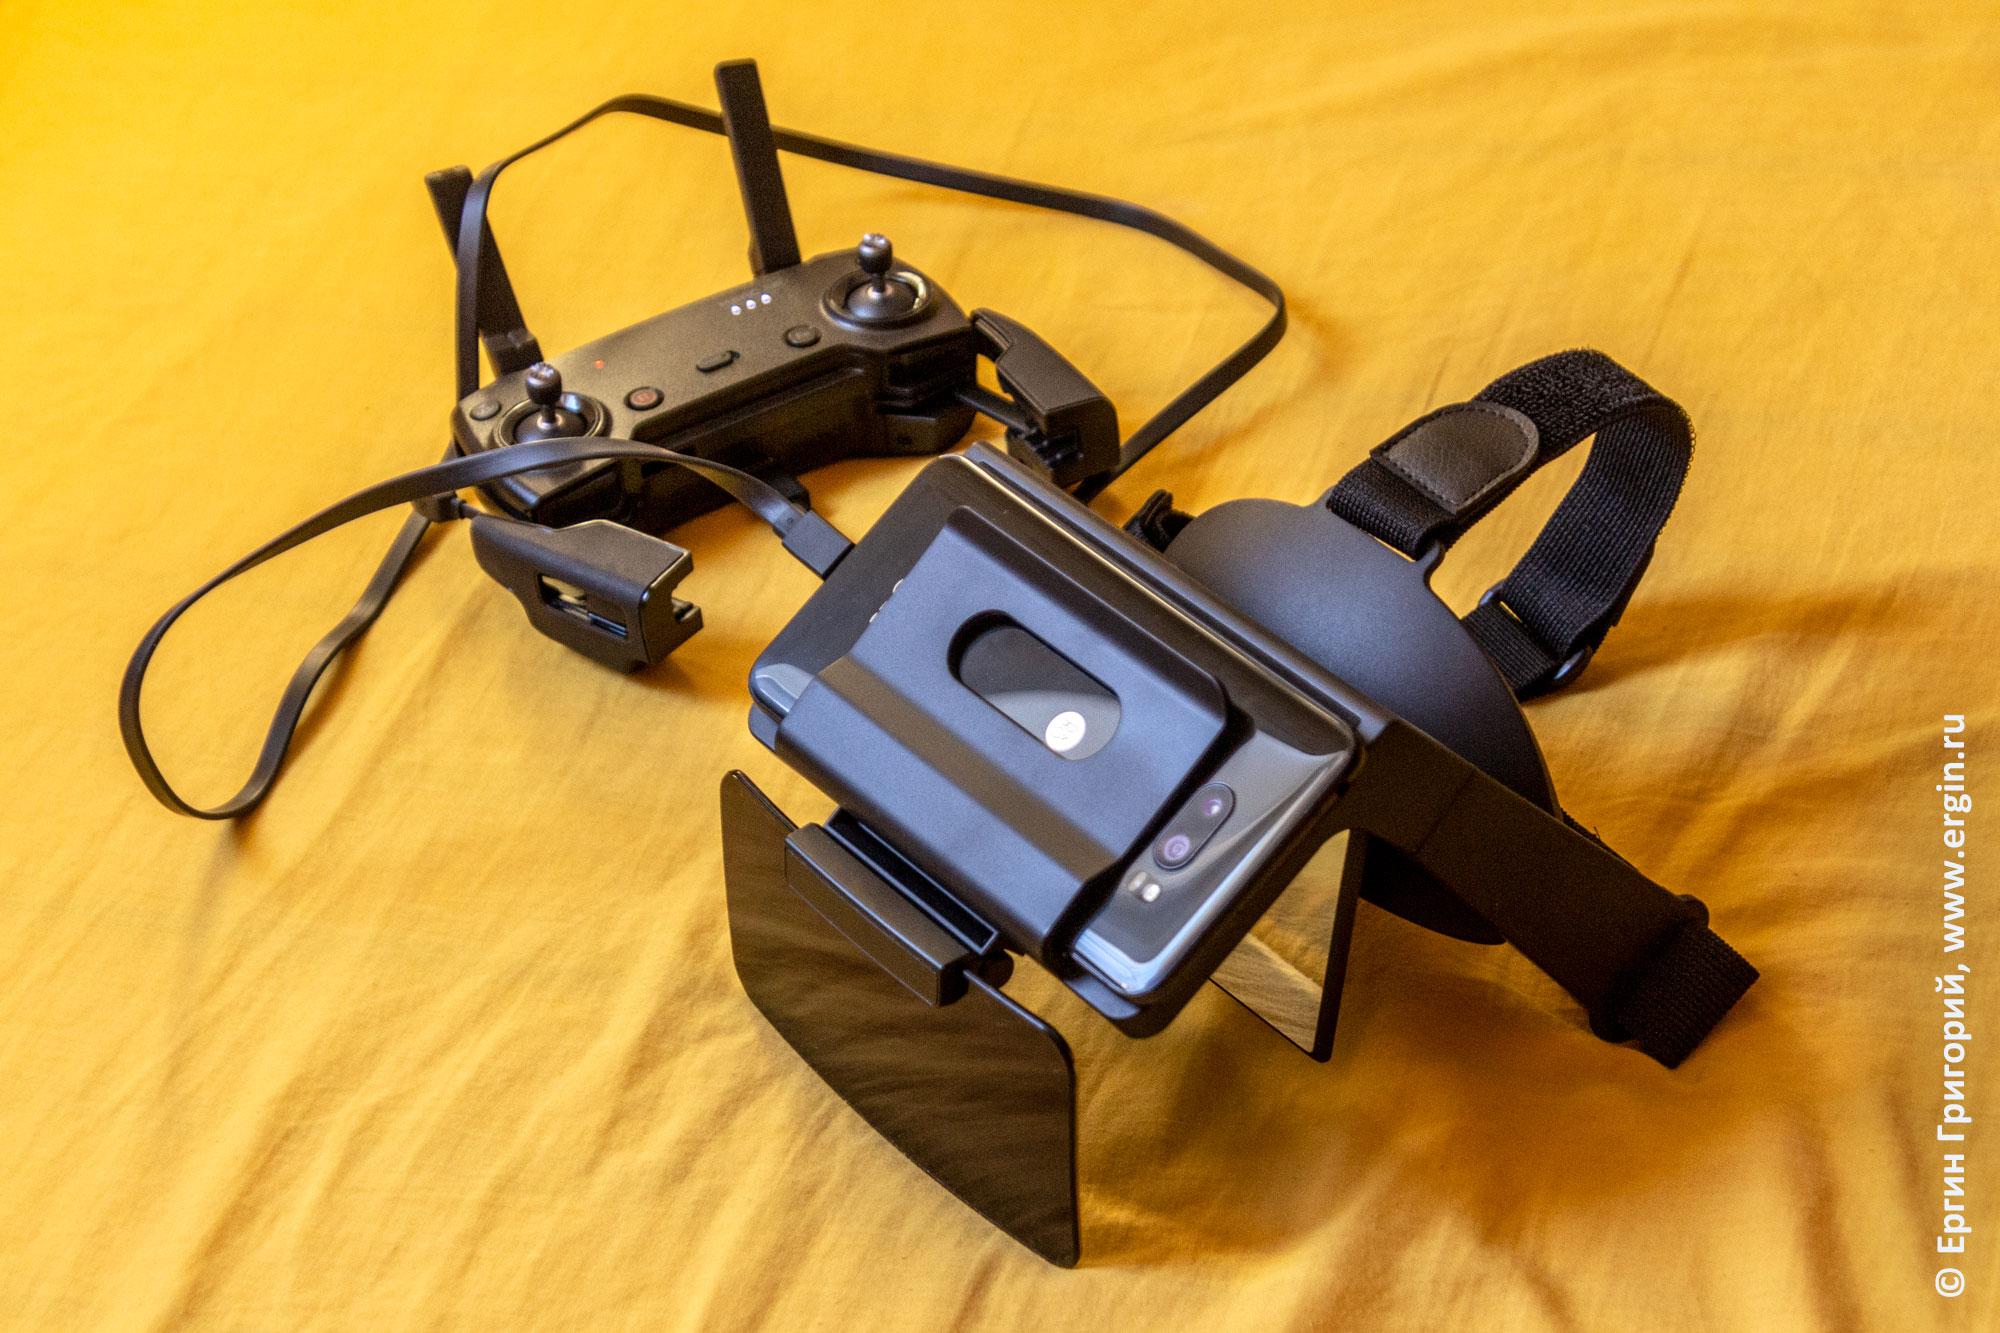 бюджетный набор FPV для управления квадрокоптером от первого лица для DJI Mavic Air и не только